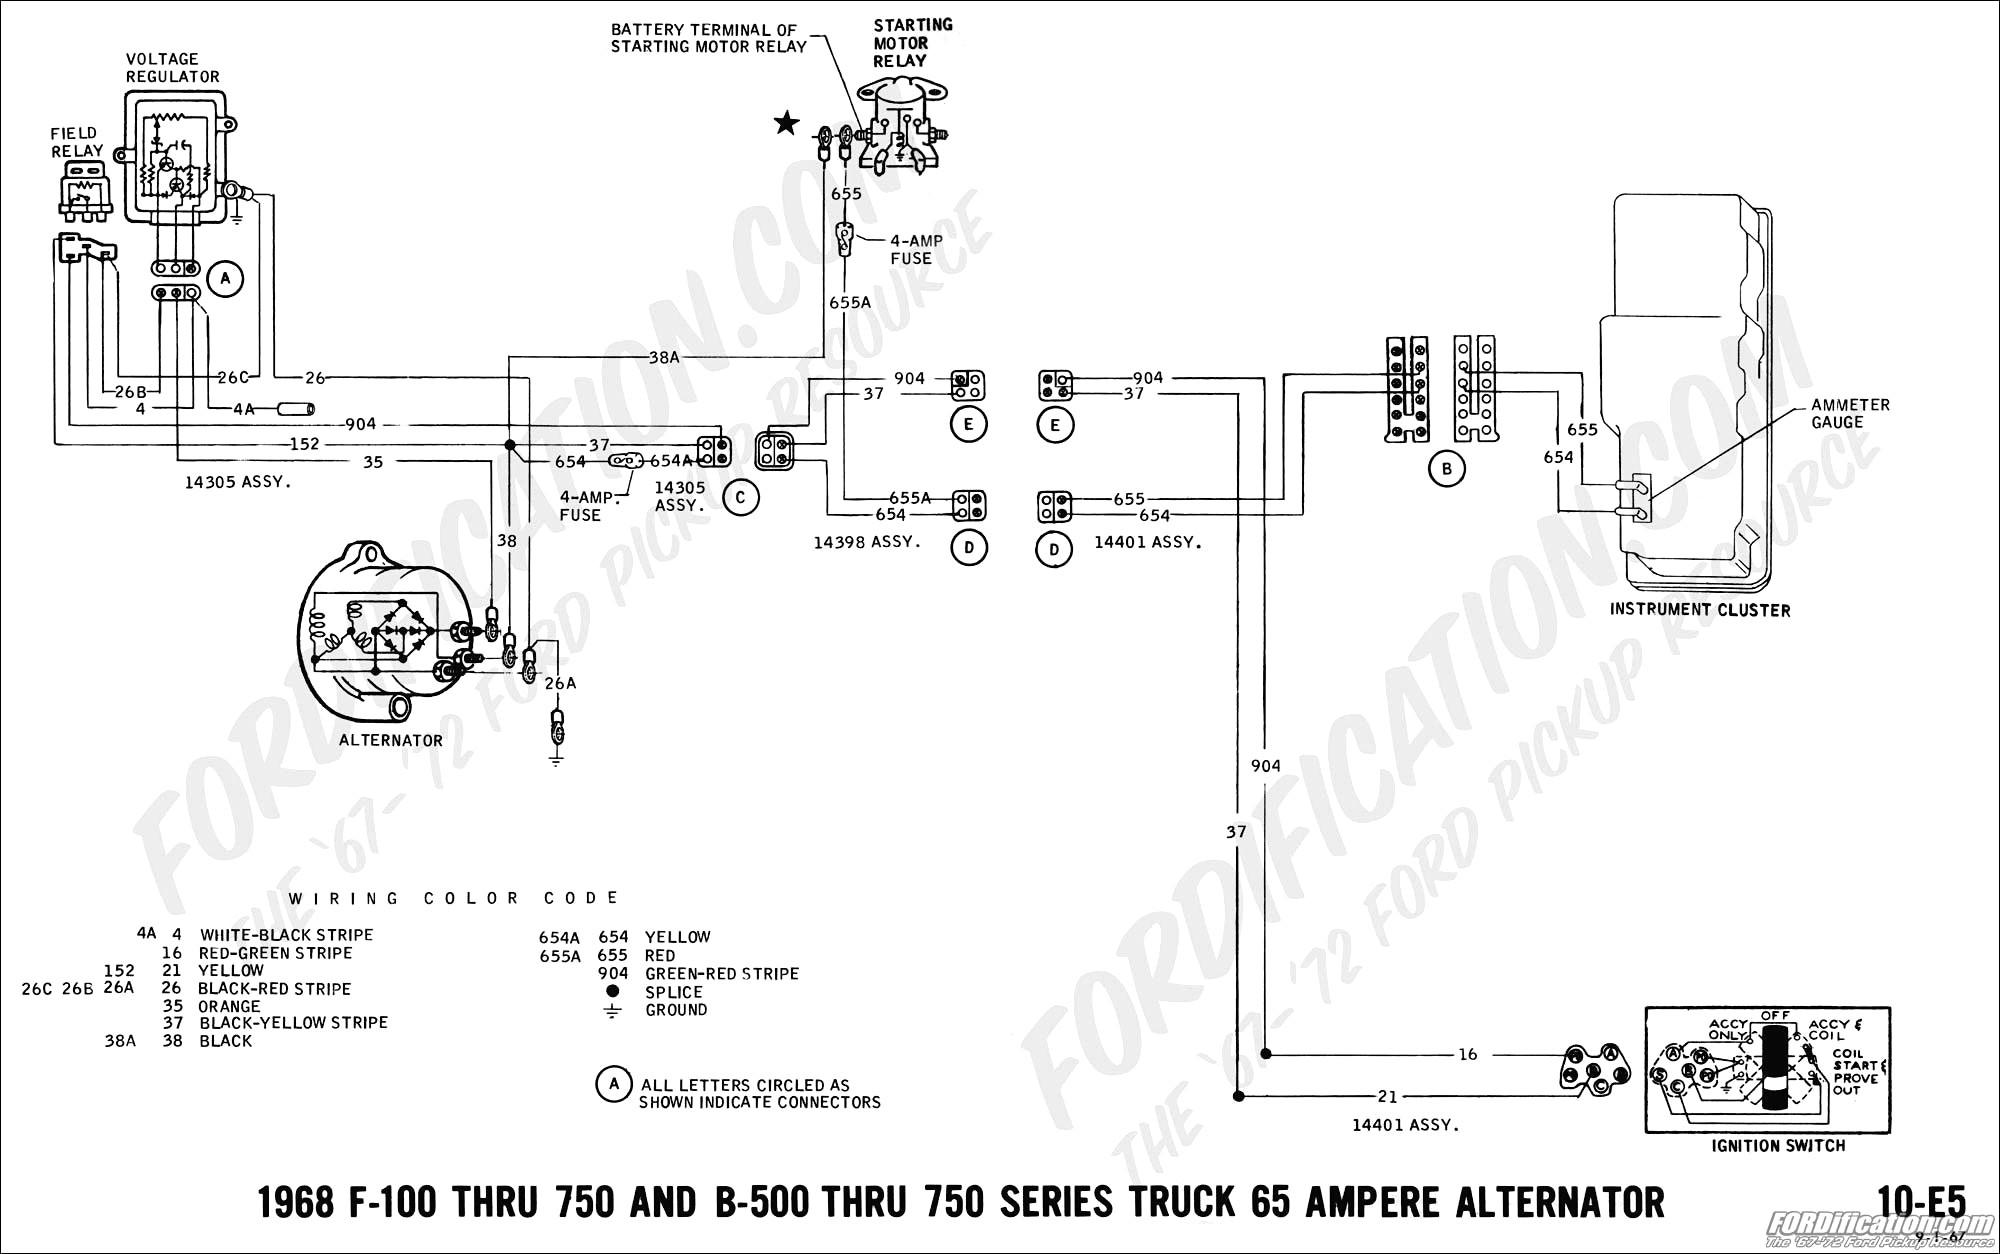 Iskra Alternator Wiring Diagram Alternator Wiring Diagram Internal Regulator Wiring Diagram Of Iskra Alternator Wiring Diagram